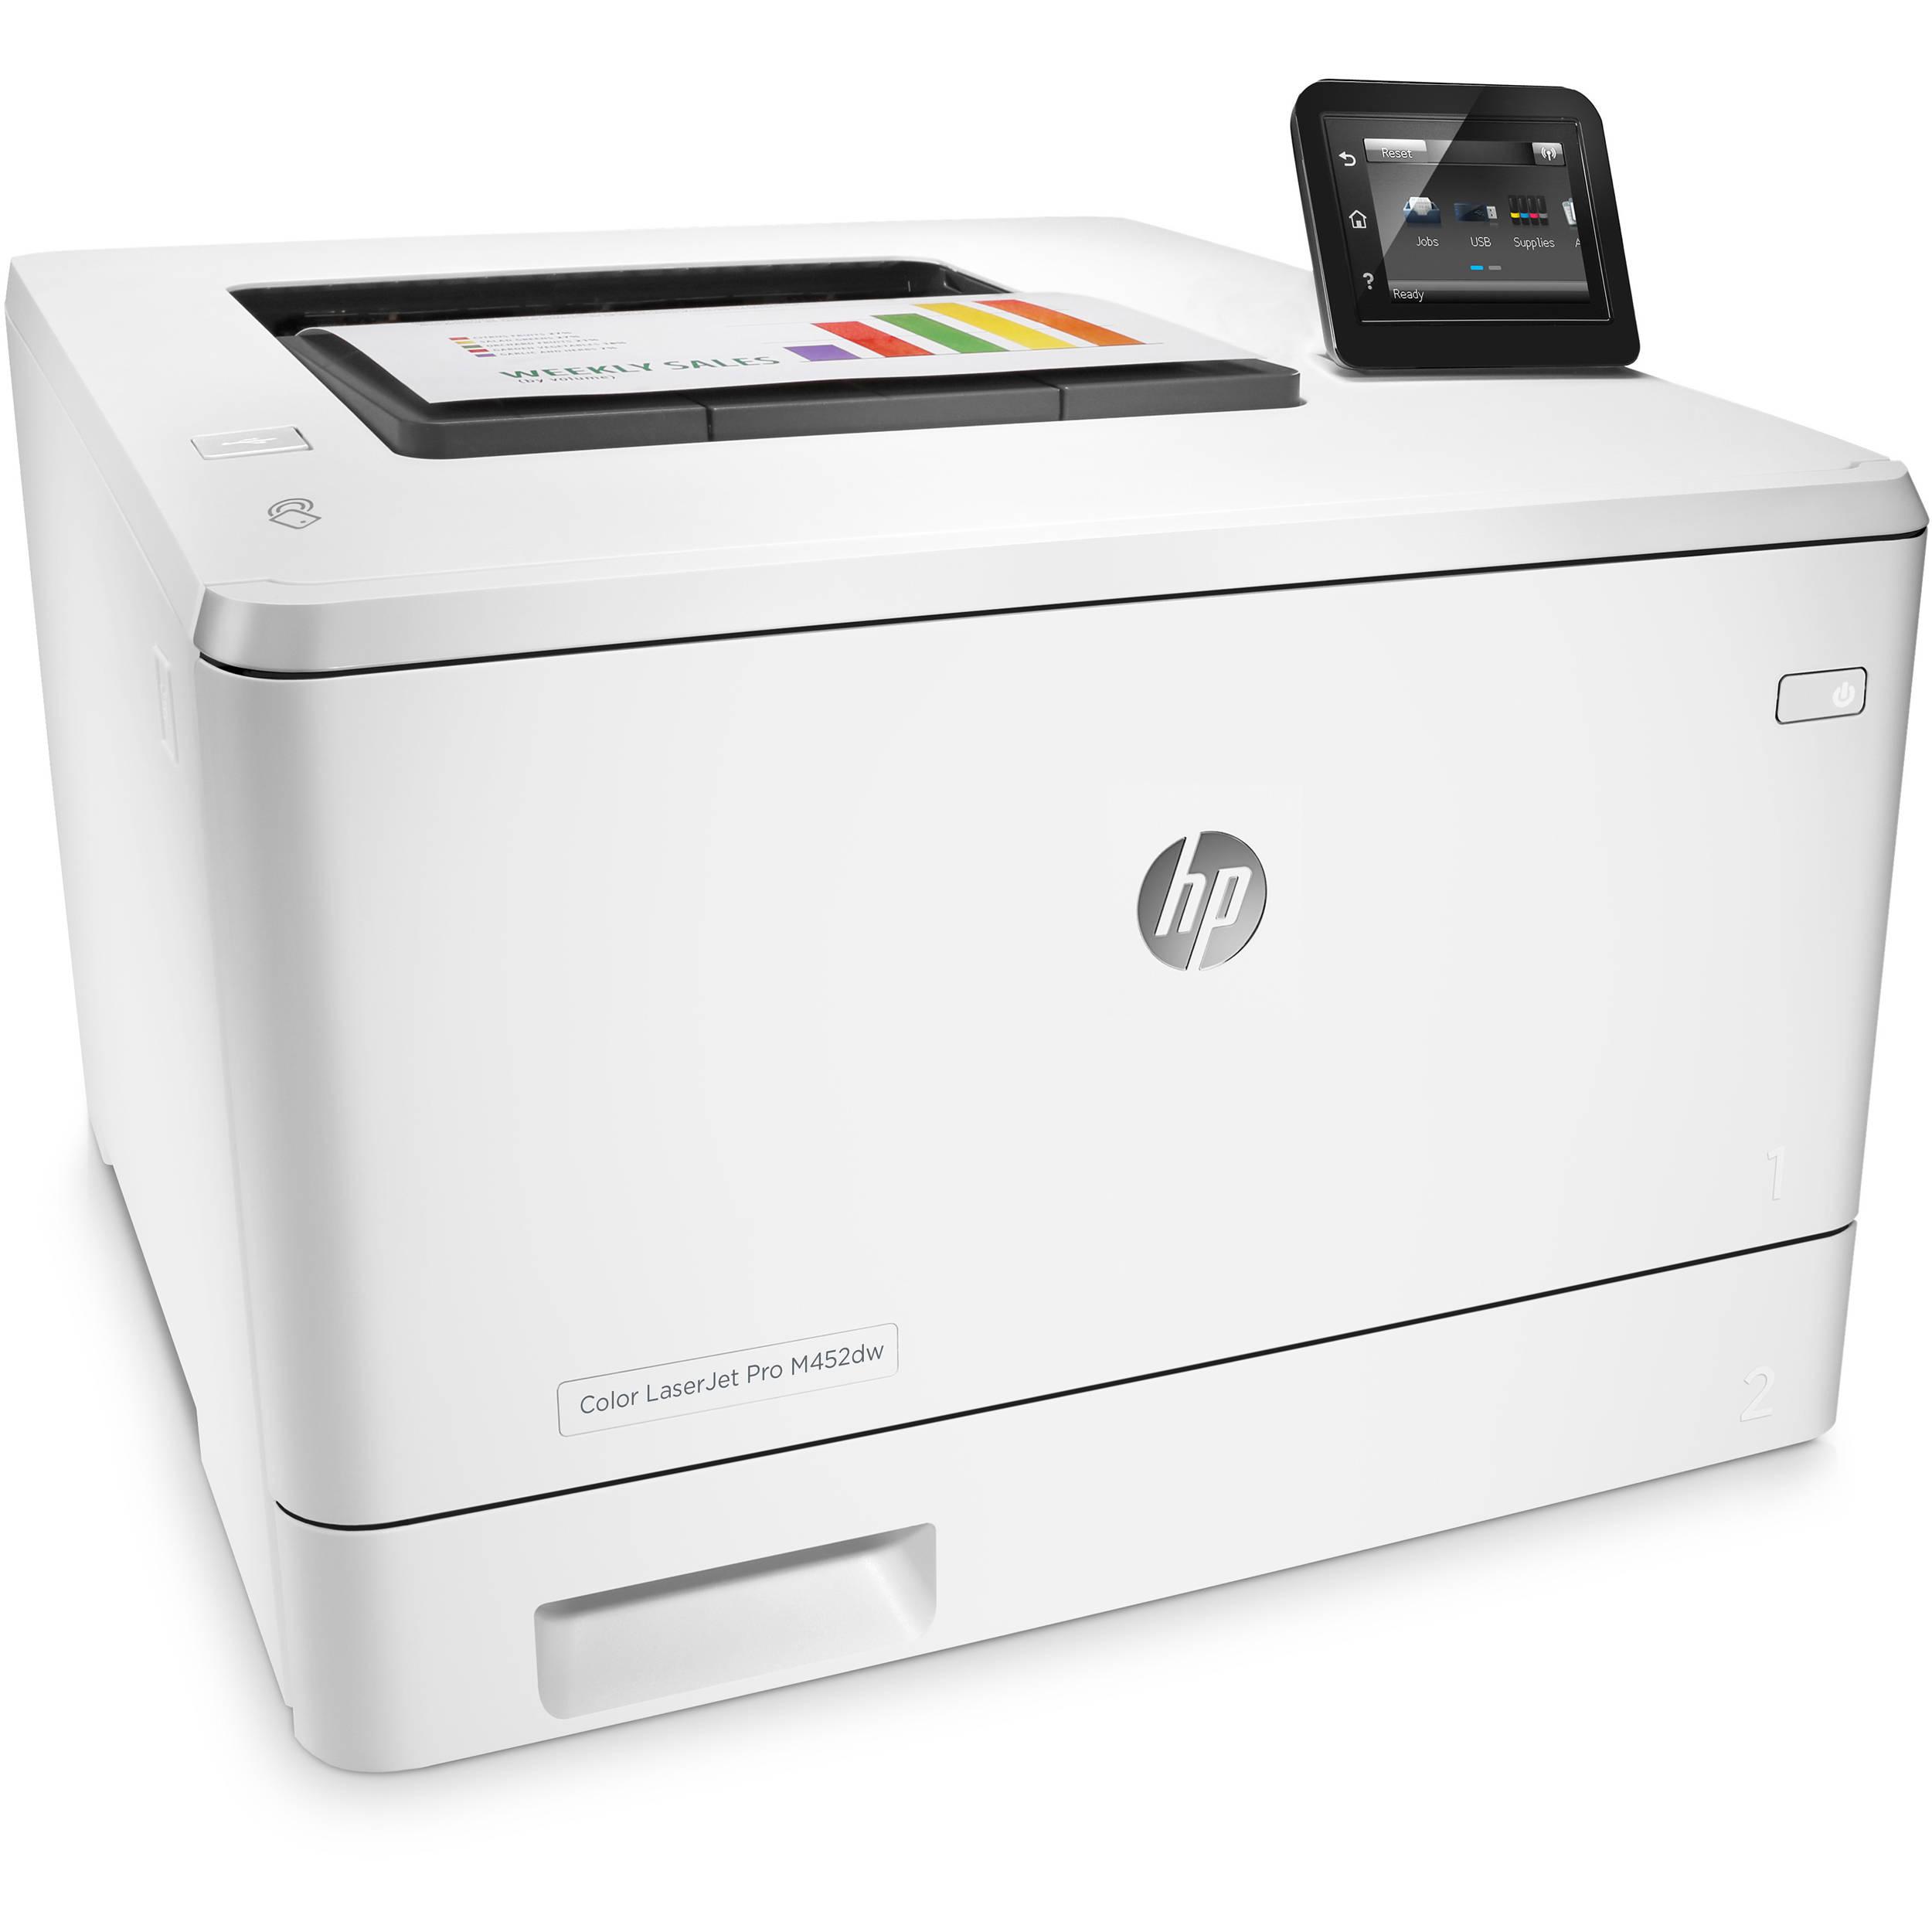 HP Color LaserJet Pro M452dw Laser Printer CF394A BampH Photo